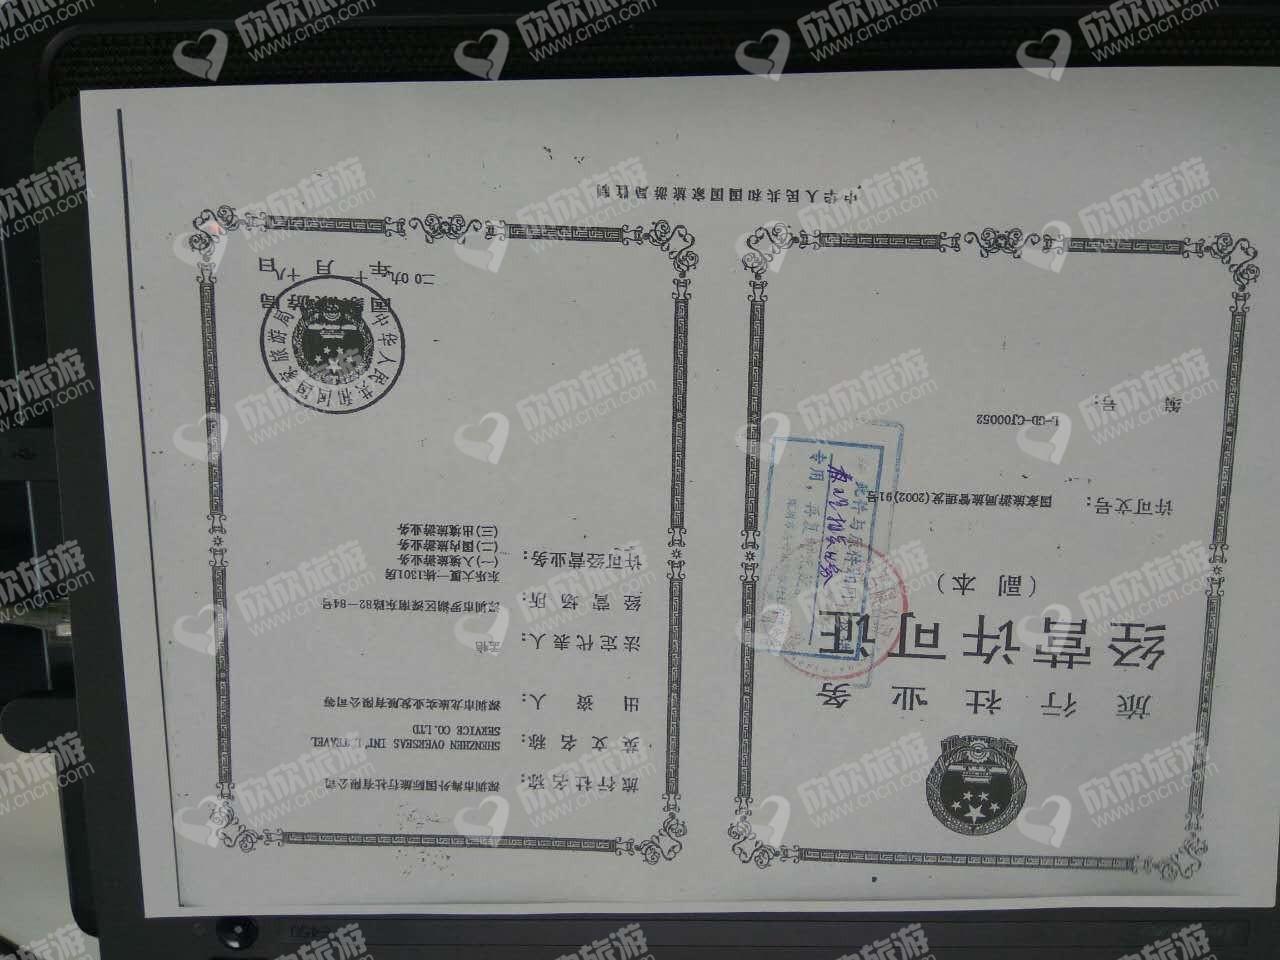 深圳市海外国际旅行社有限公司经营许可证